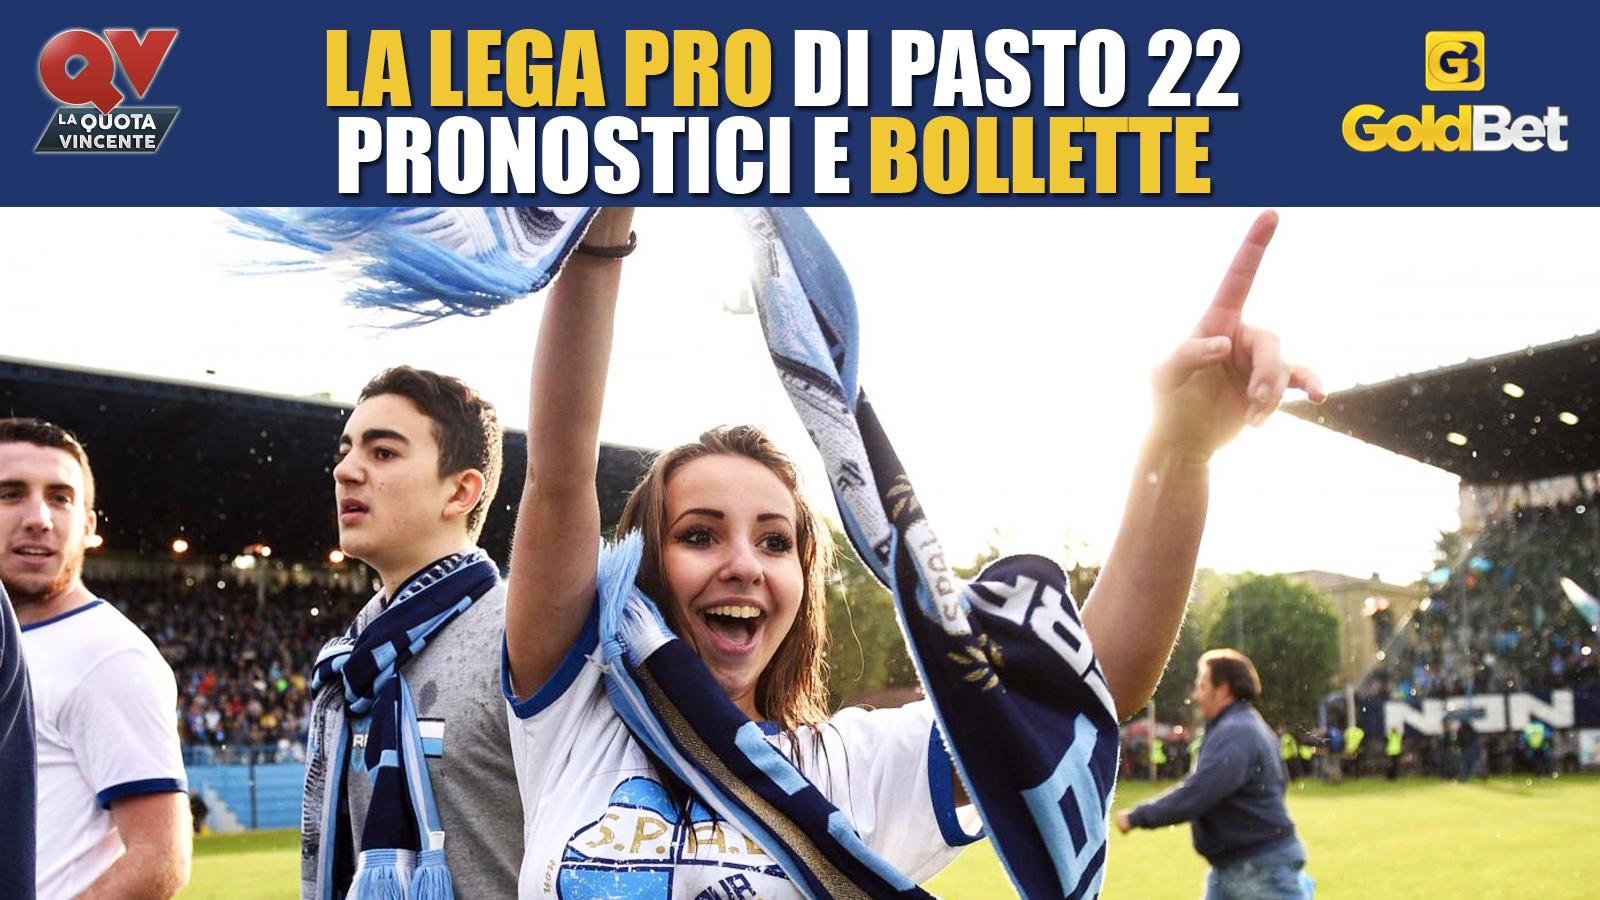 lega_pro_blog_qv_pasto_22_benevento_esultanza_news_spal_tifosa_bollette_calcio